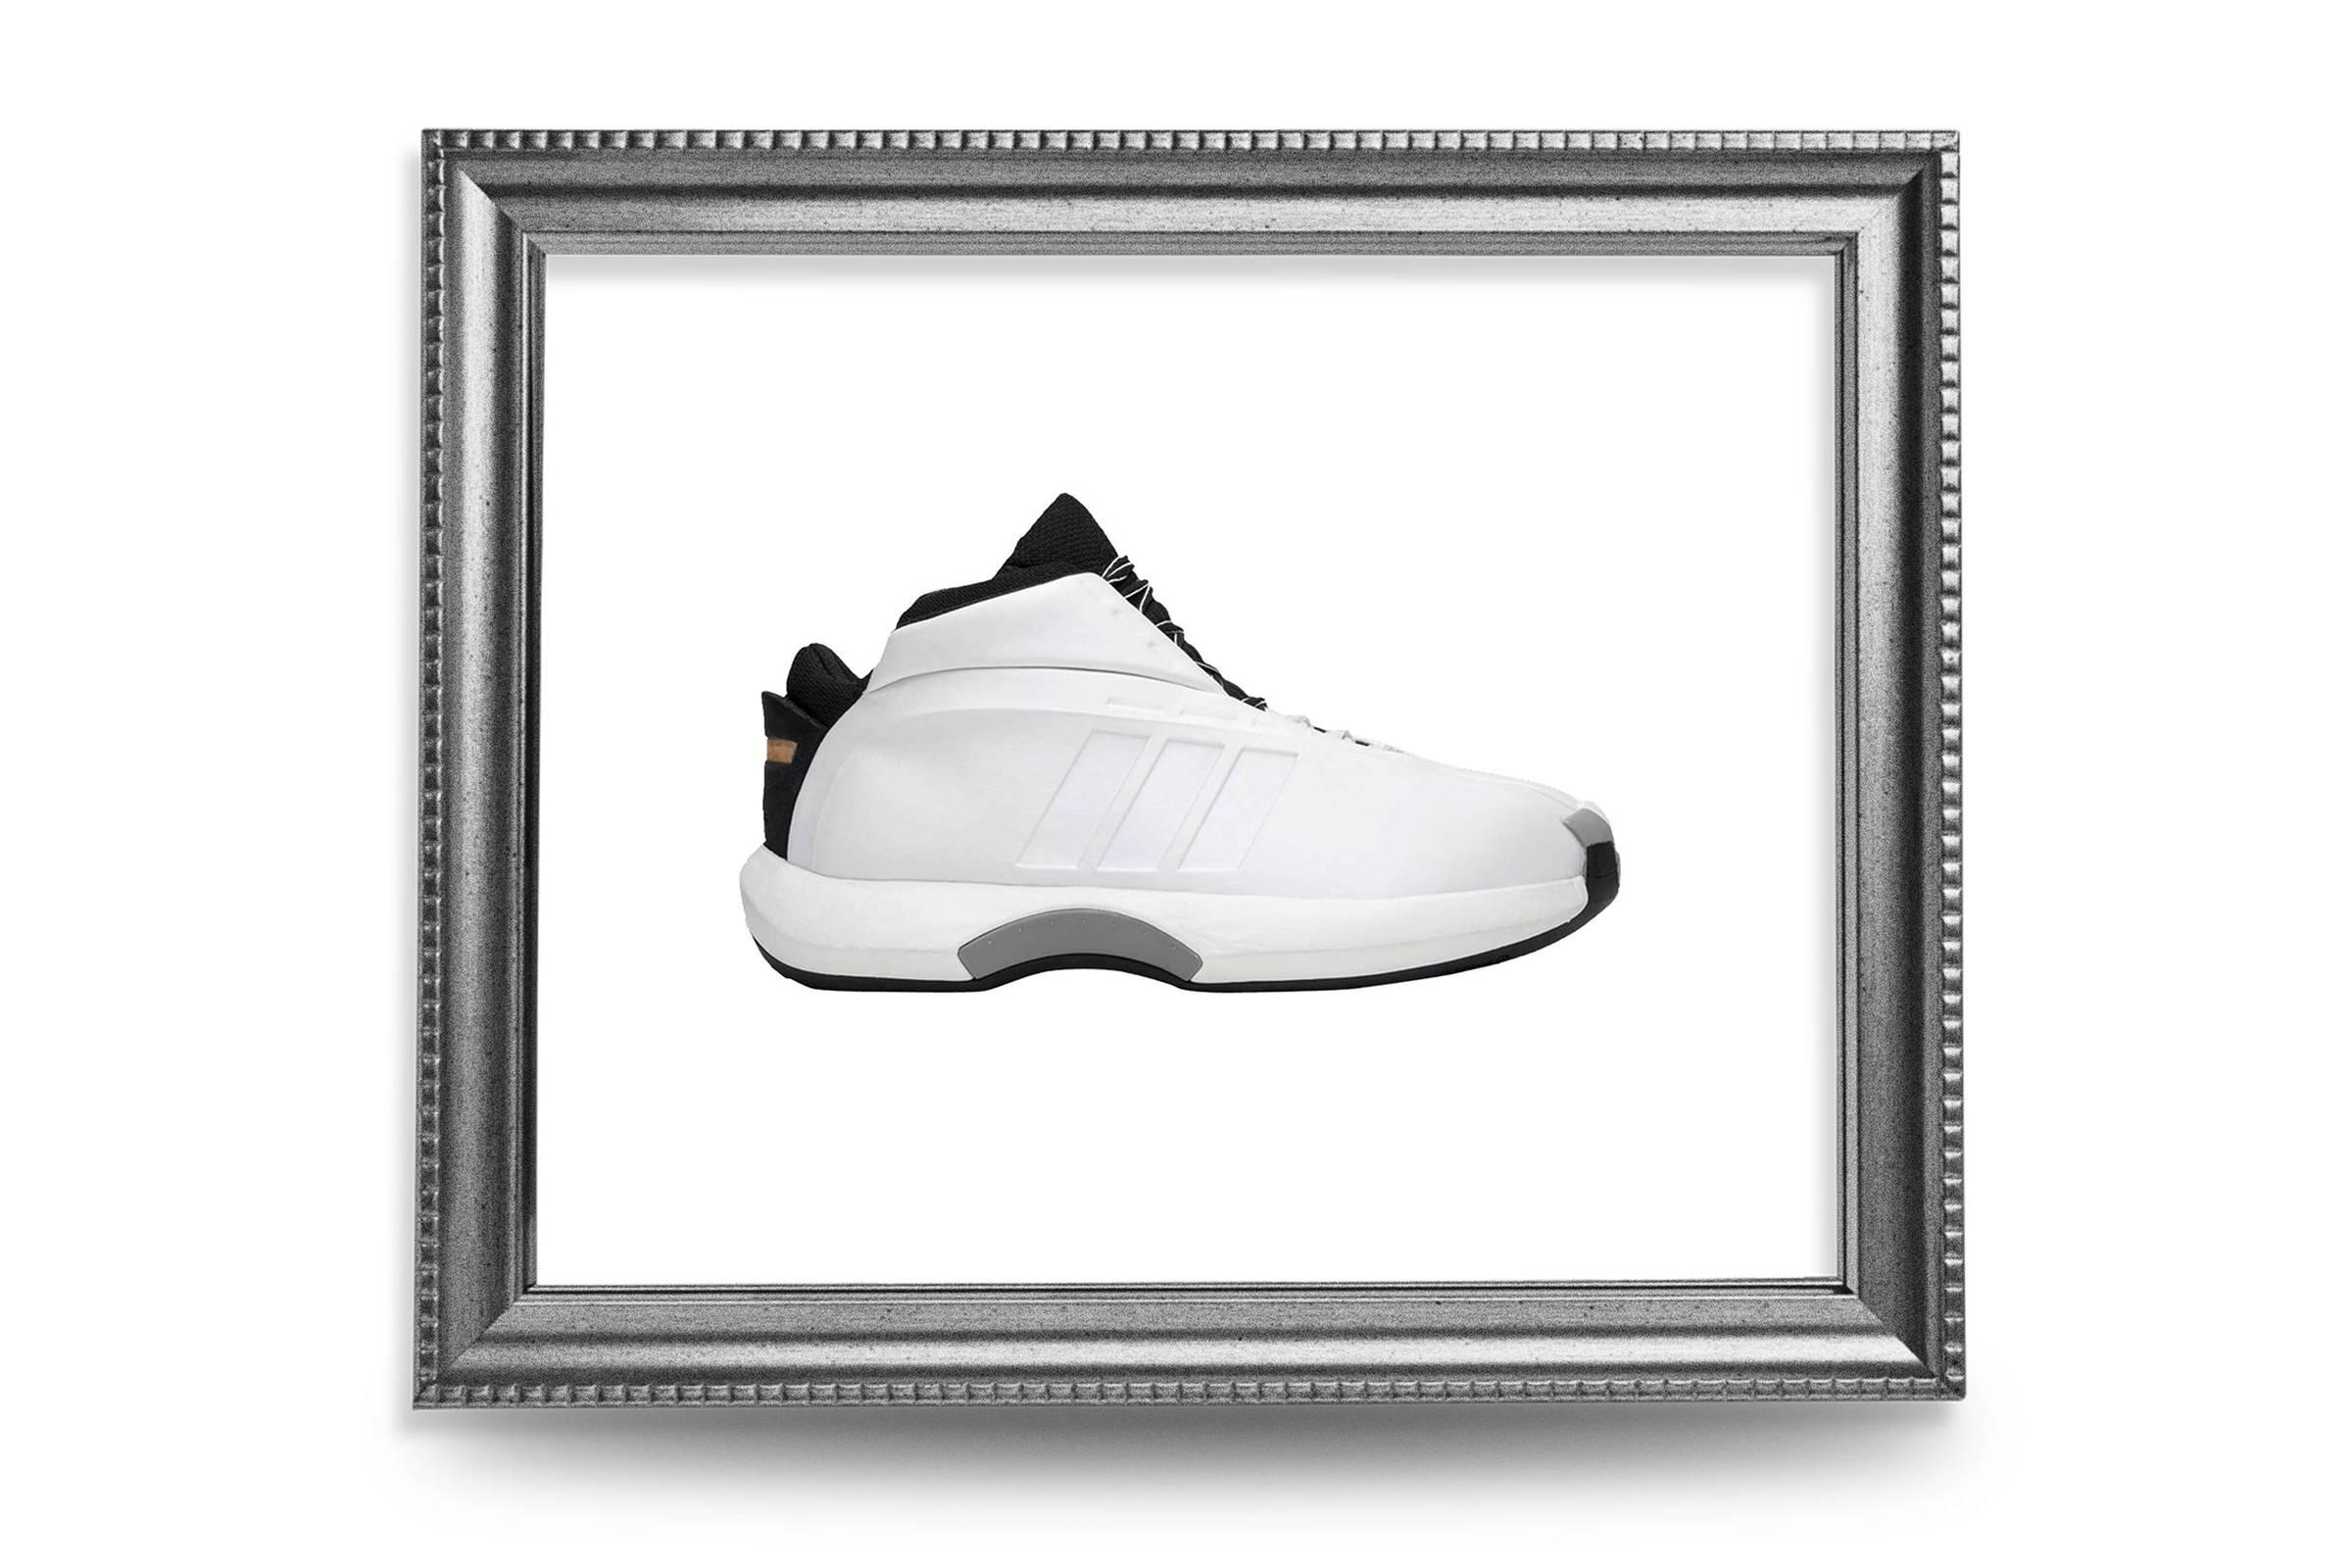 Sneaker Stories: Week of July 5, 2020